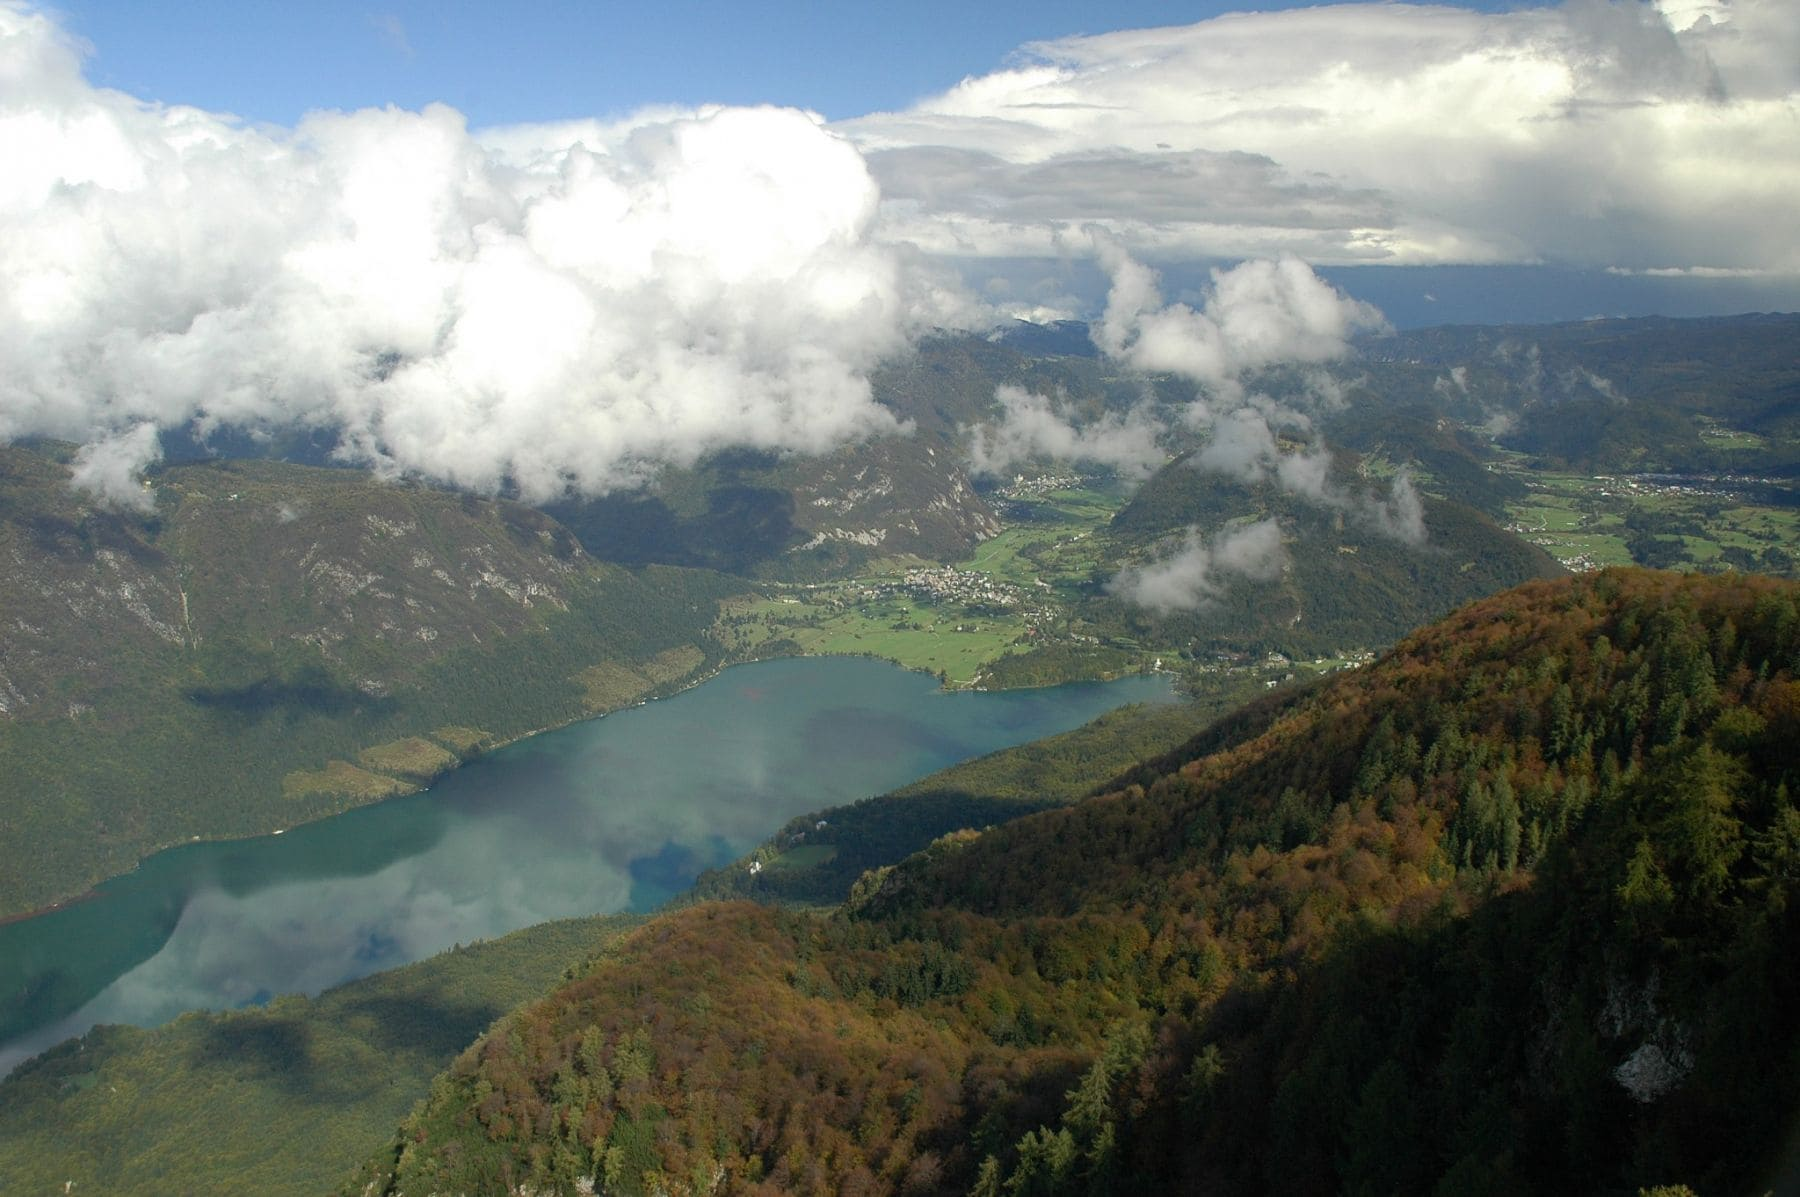 שמורת טריגלאב (צפון מערב סלובניה)